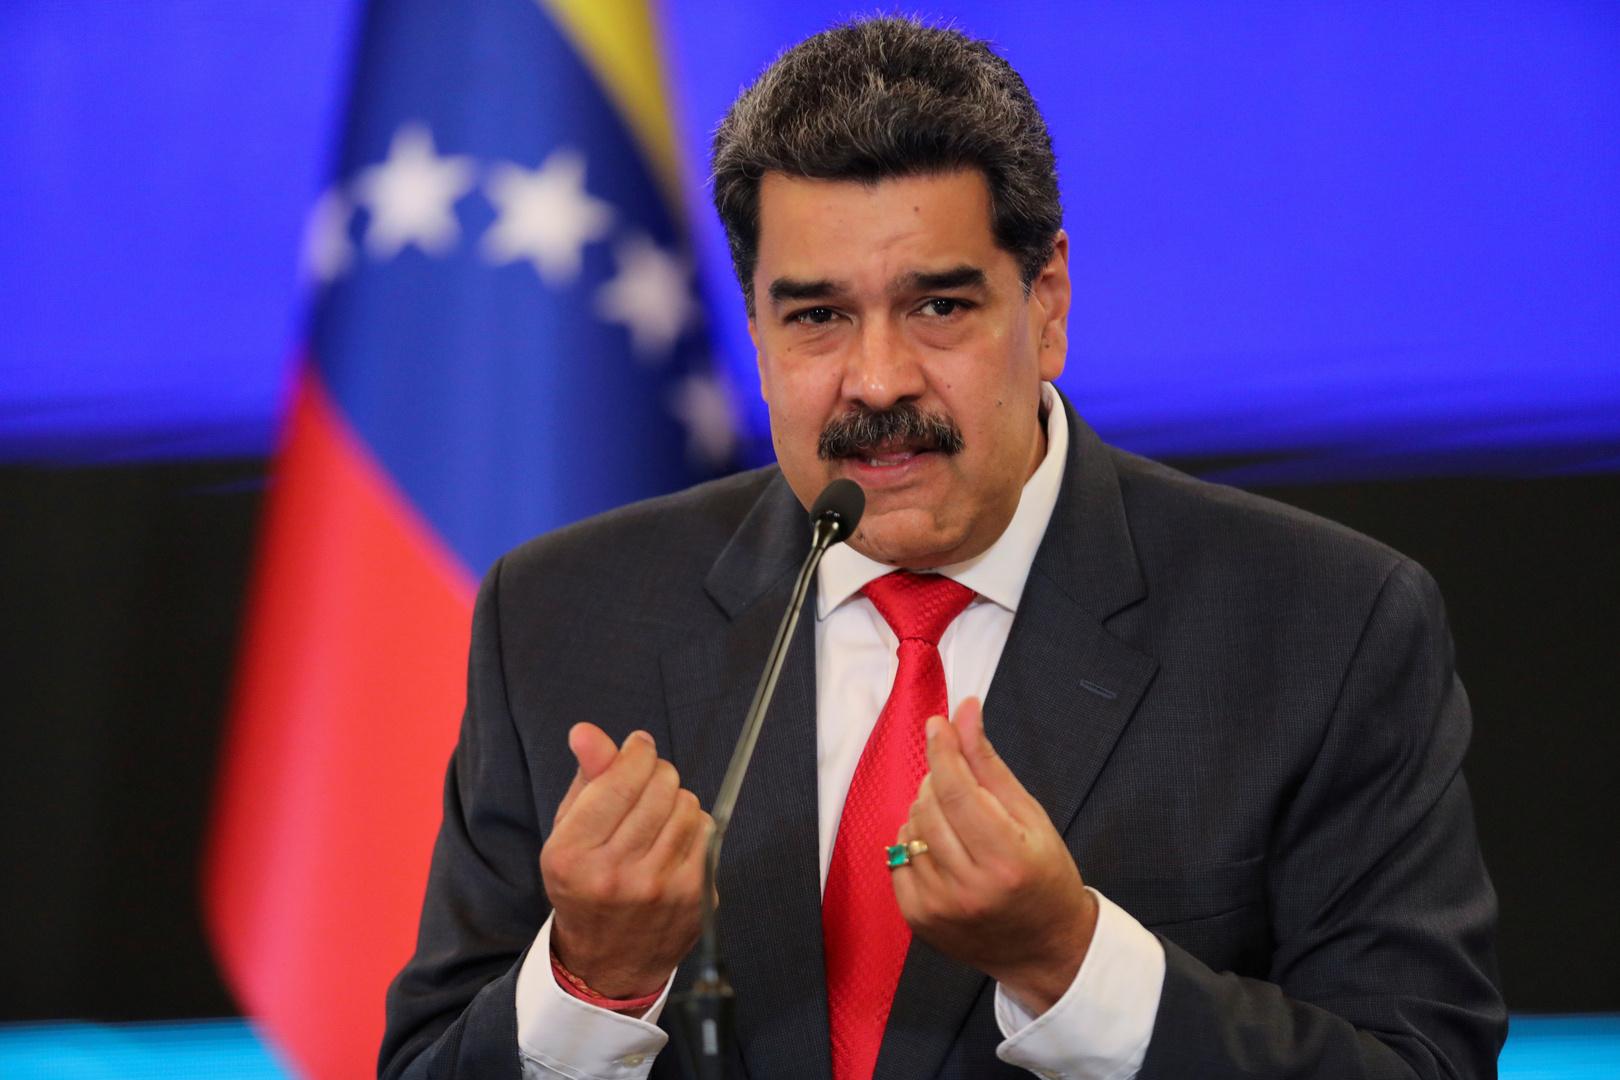 مادورو يقترح النفط مقابل لقاح كورونا لشعب فنزويلا (فيديو)